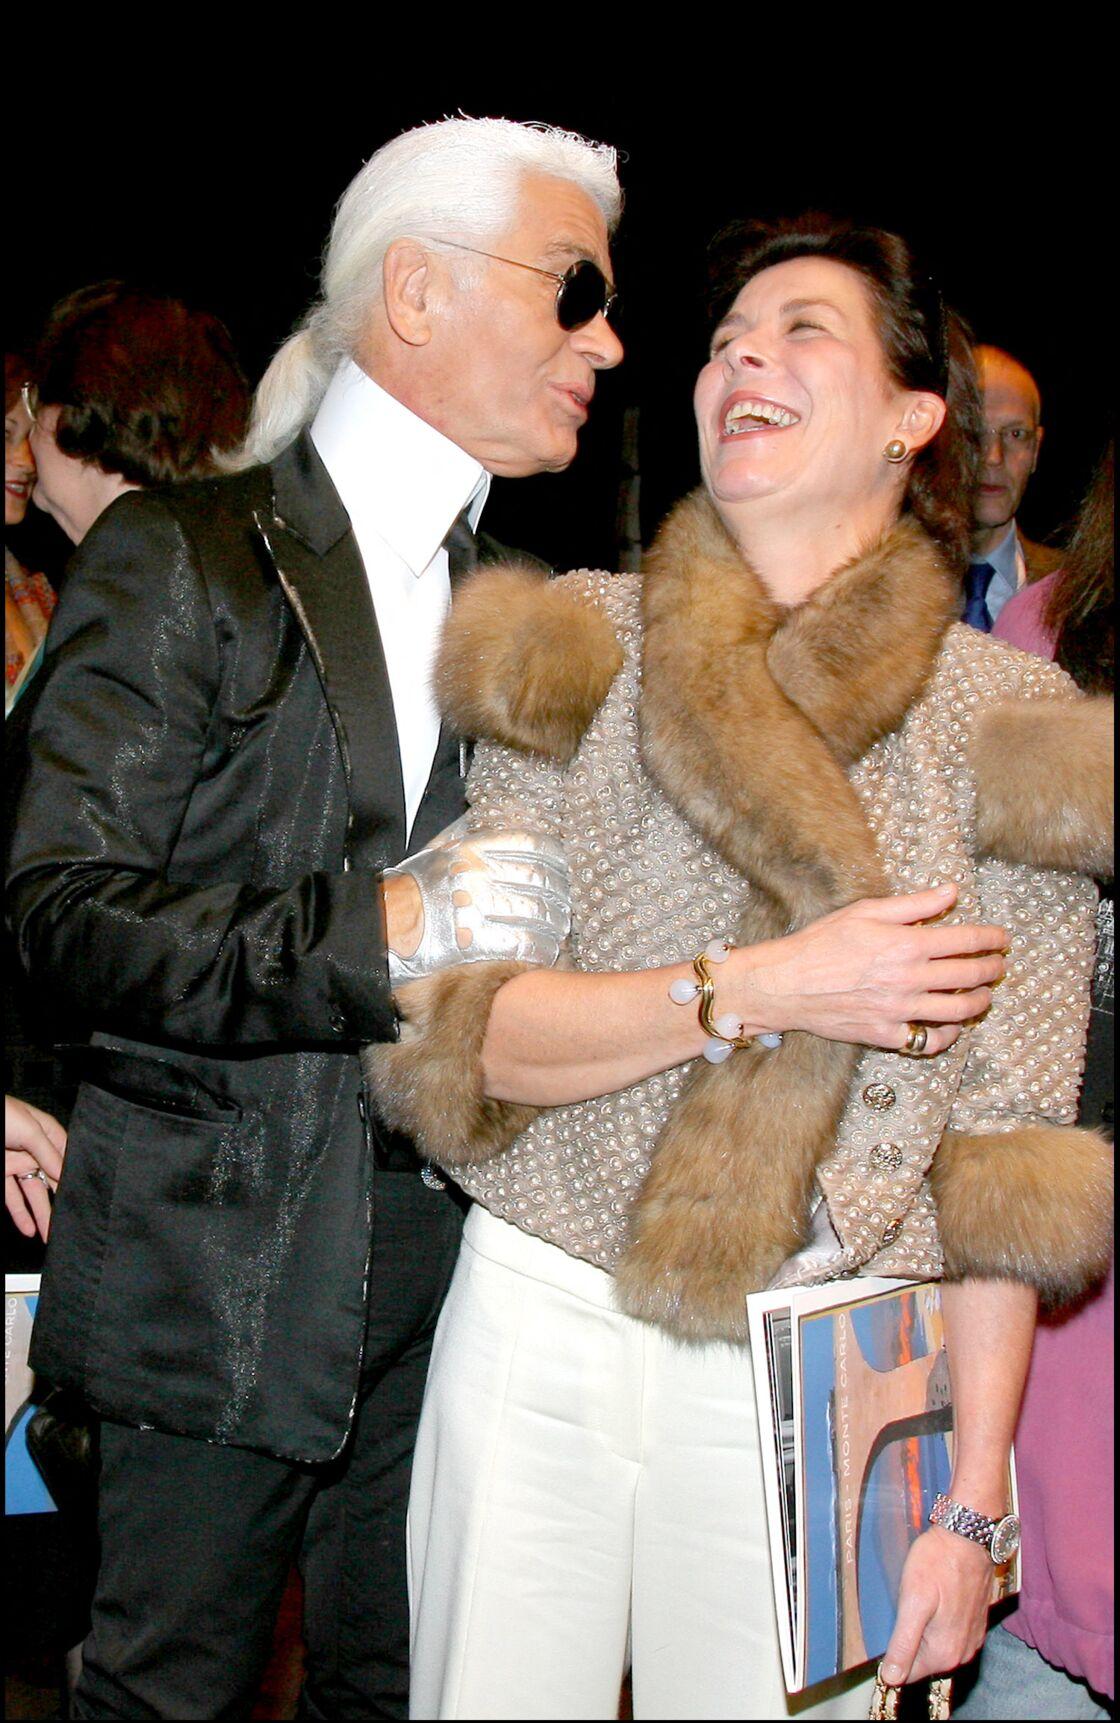 Karl Lagerfeld et Caroline de Hanovre étaient très complices, comme on peut le voir sur cette photo prise lors du défilé présentant la collection